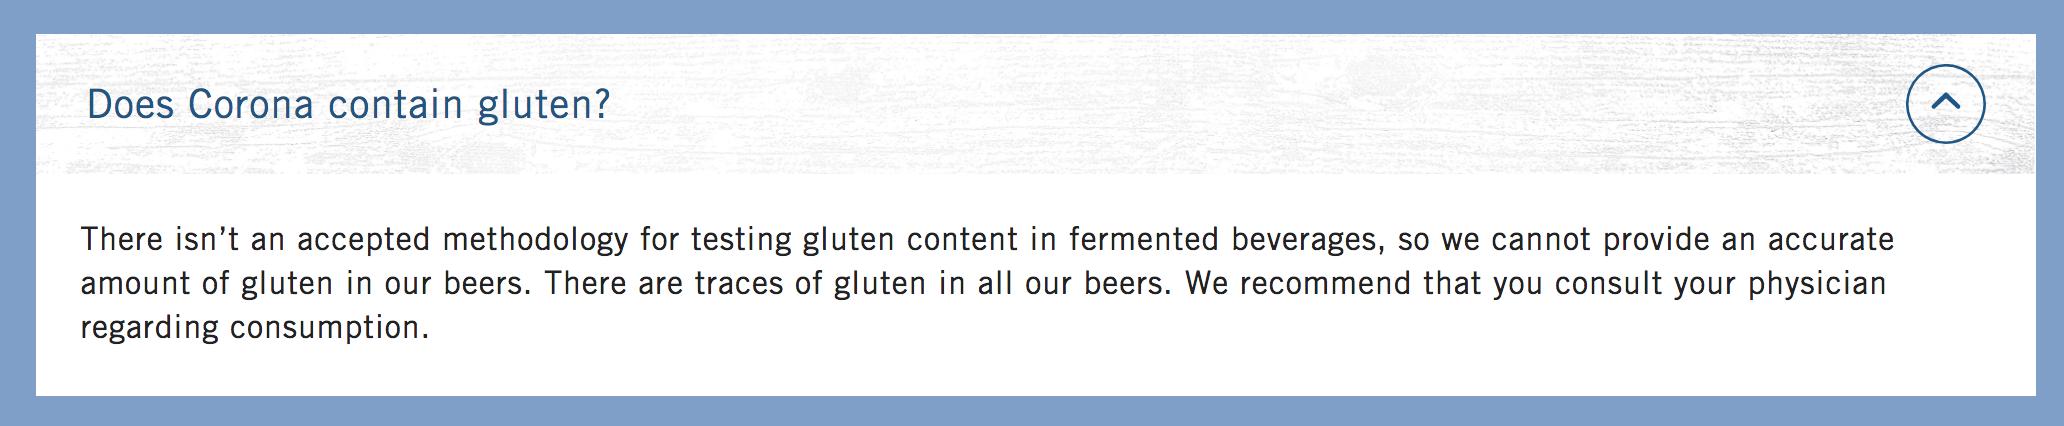 Is corona beer gluten free?